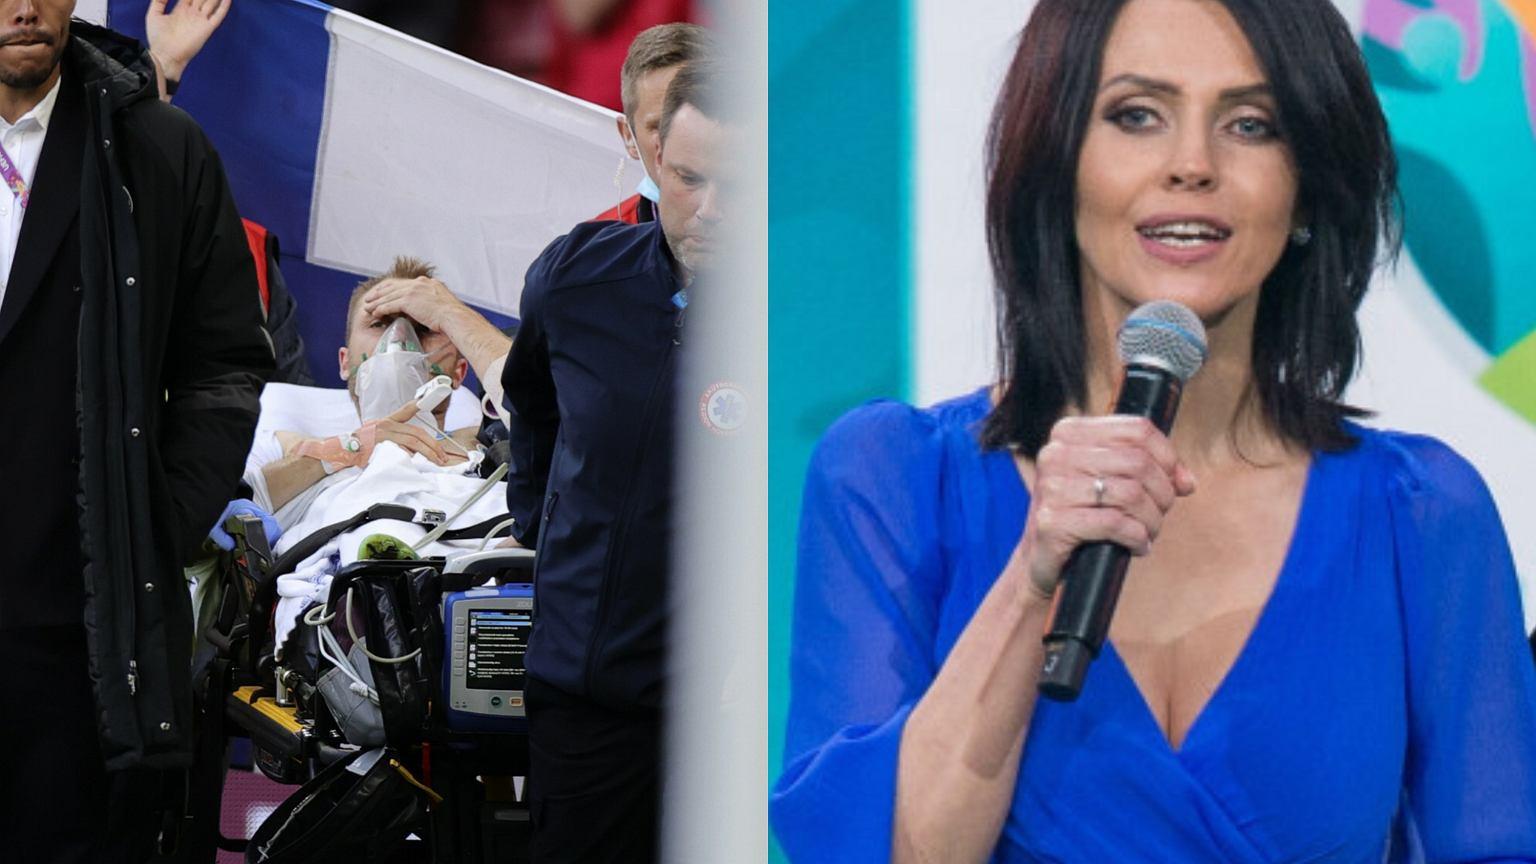 Christian Eriksen miał atak serca. Sylwia Dekiert z TVP